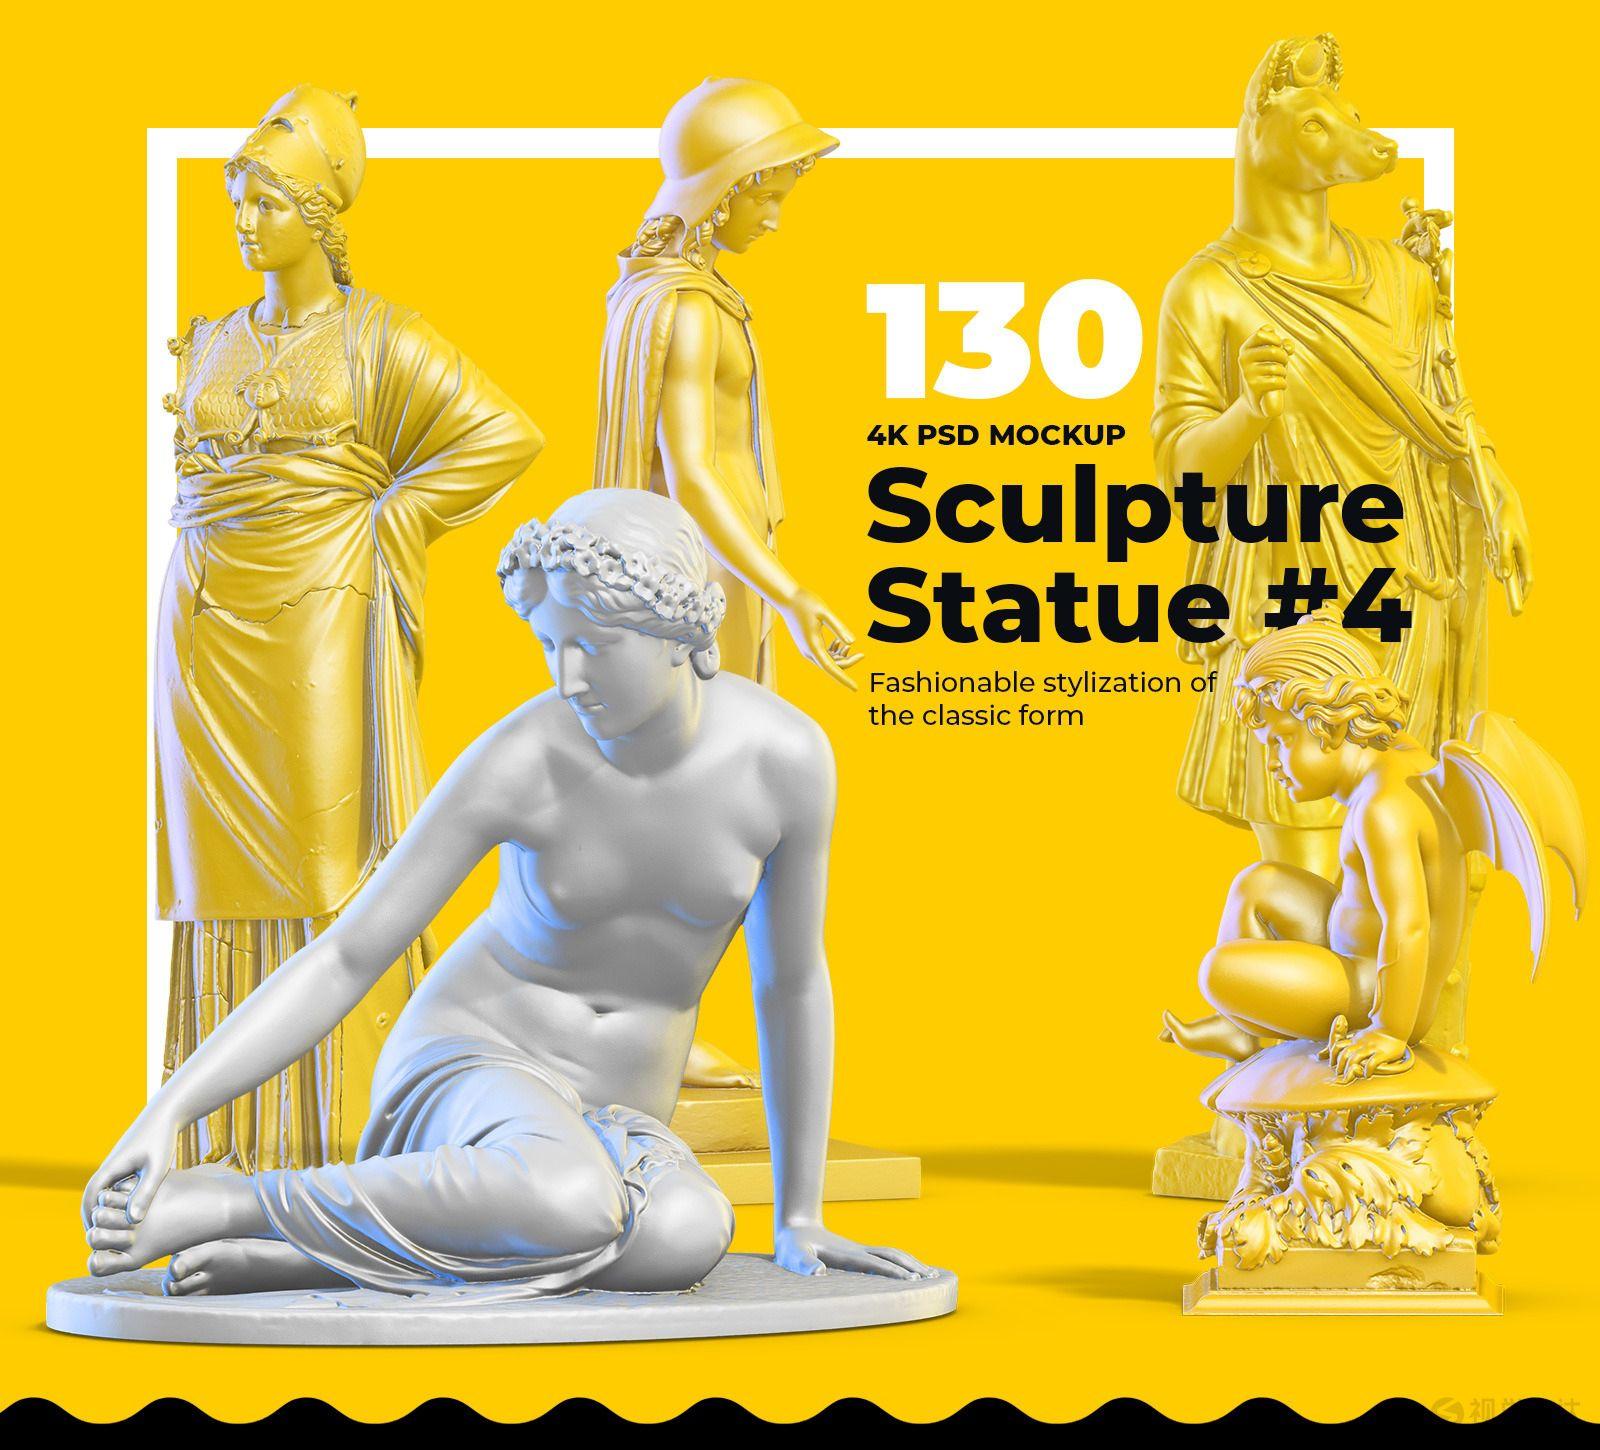 130个艺术雕塑模型合集